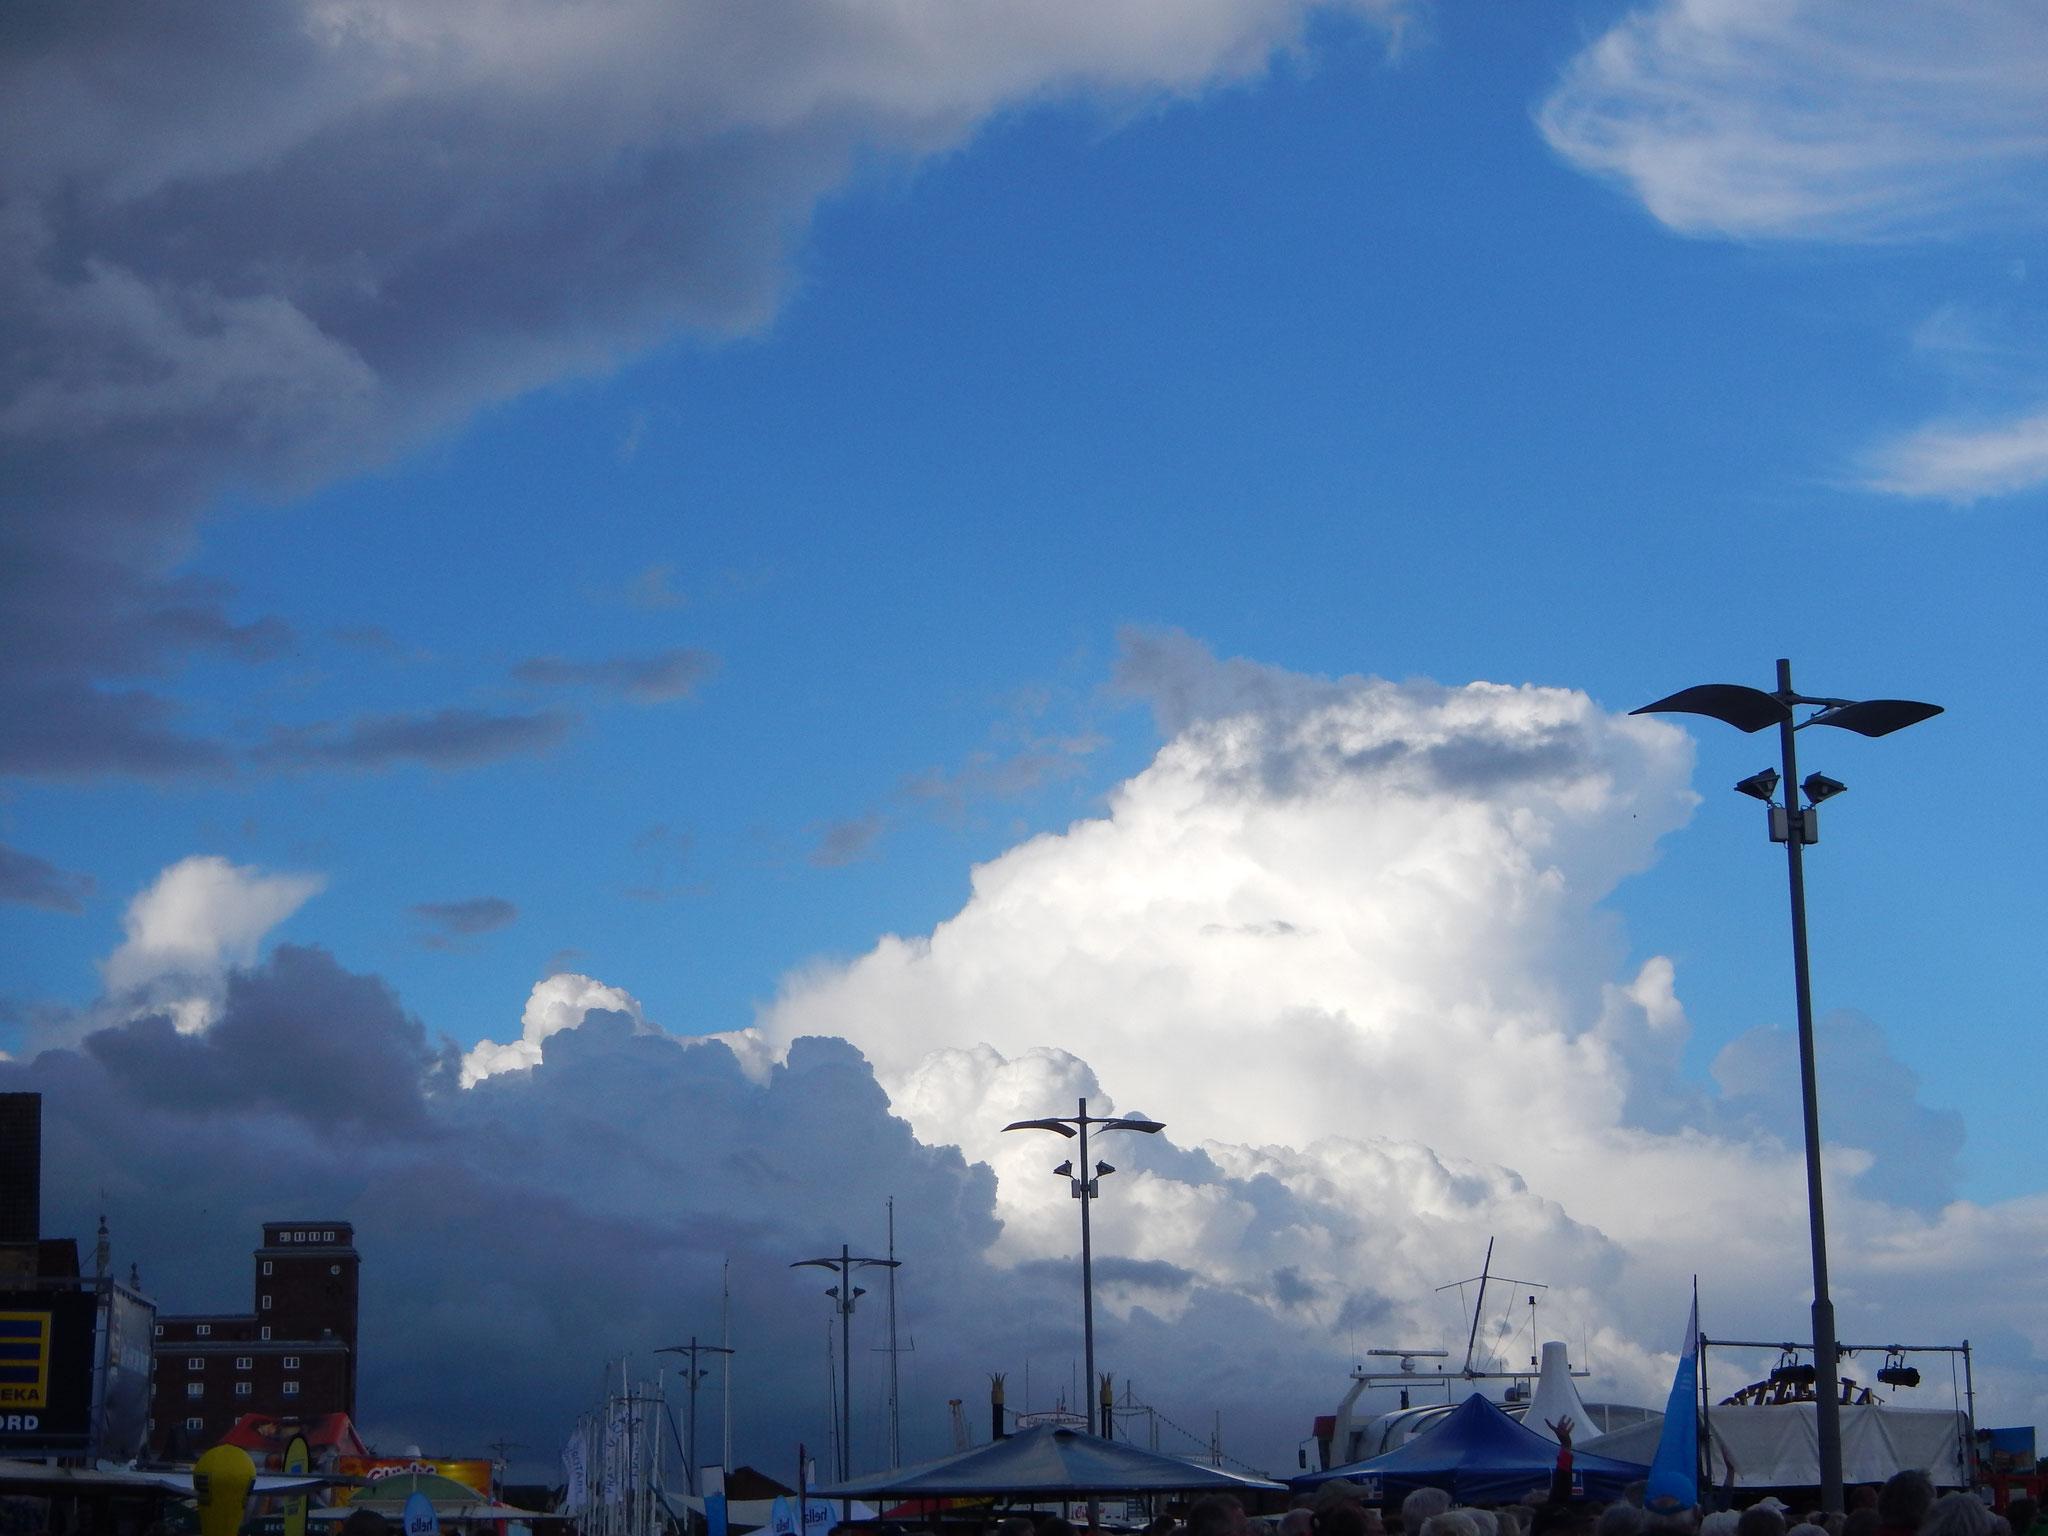 Der Himmel über Kappeln